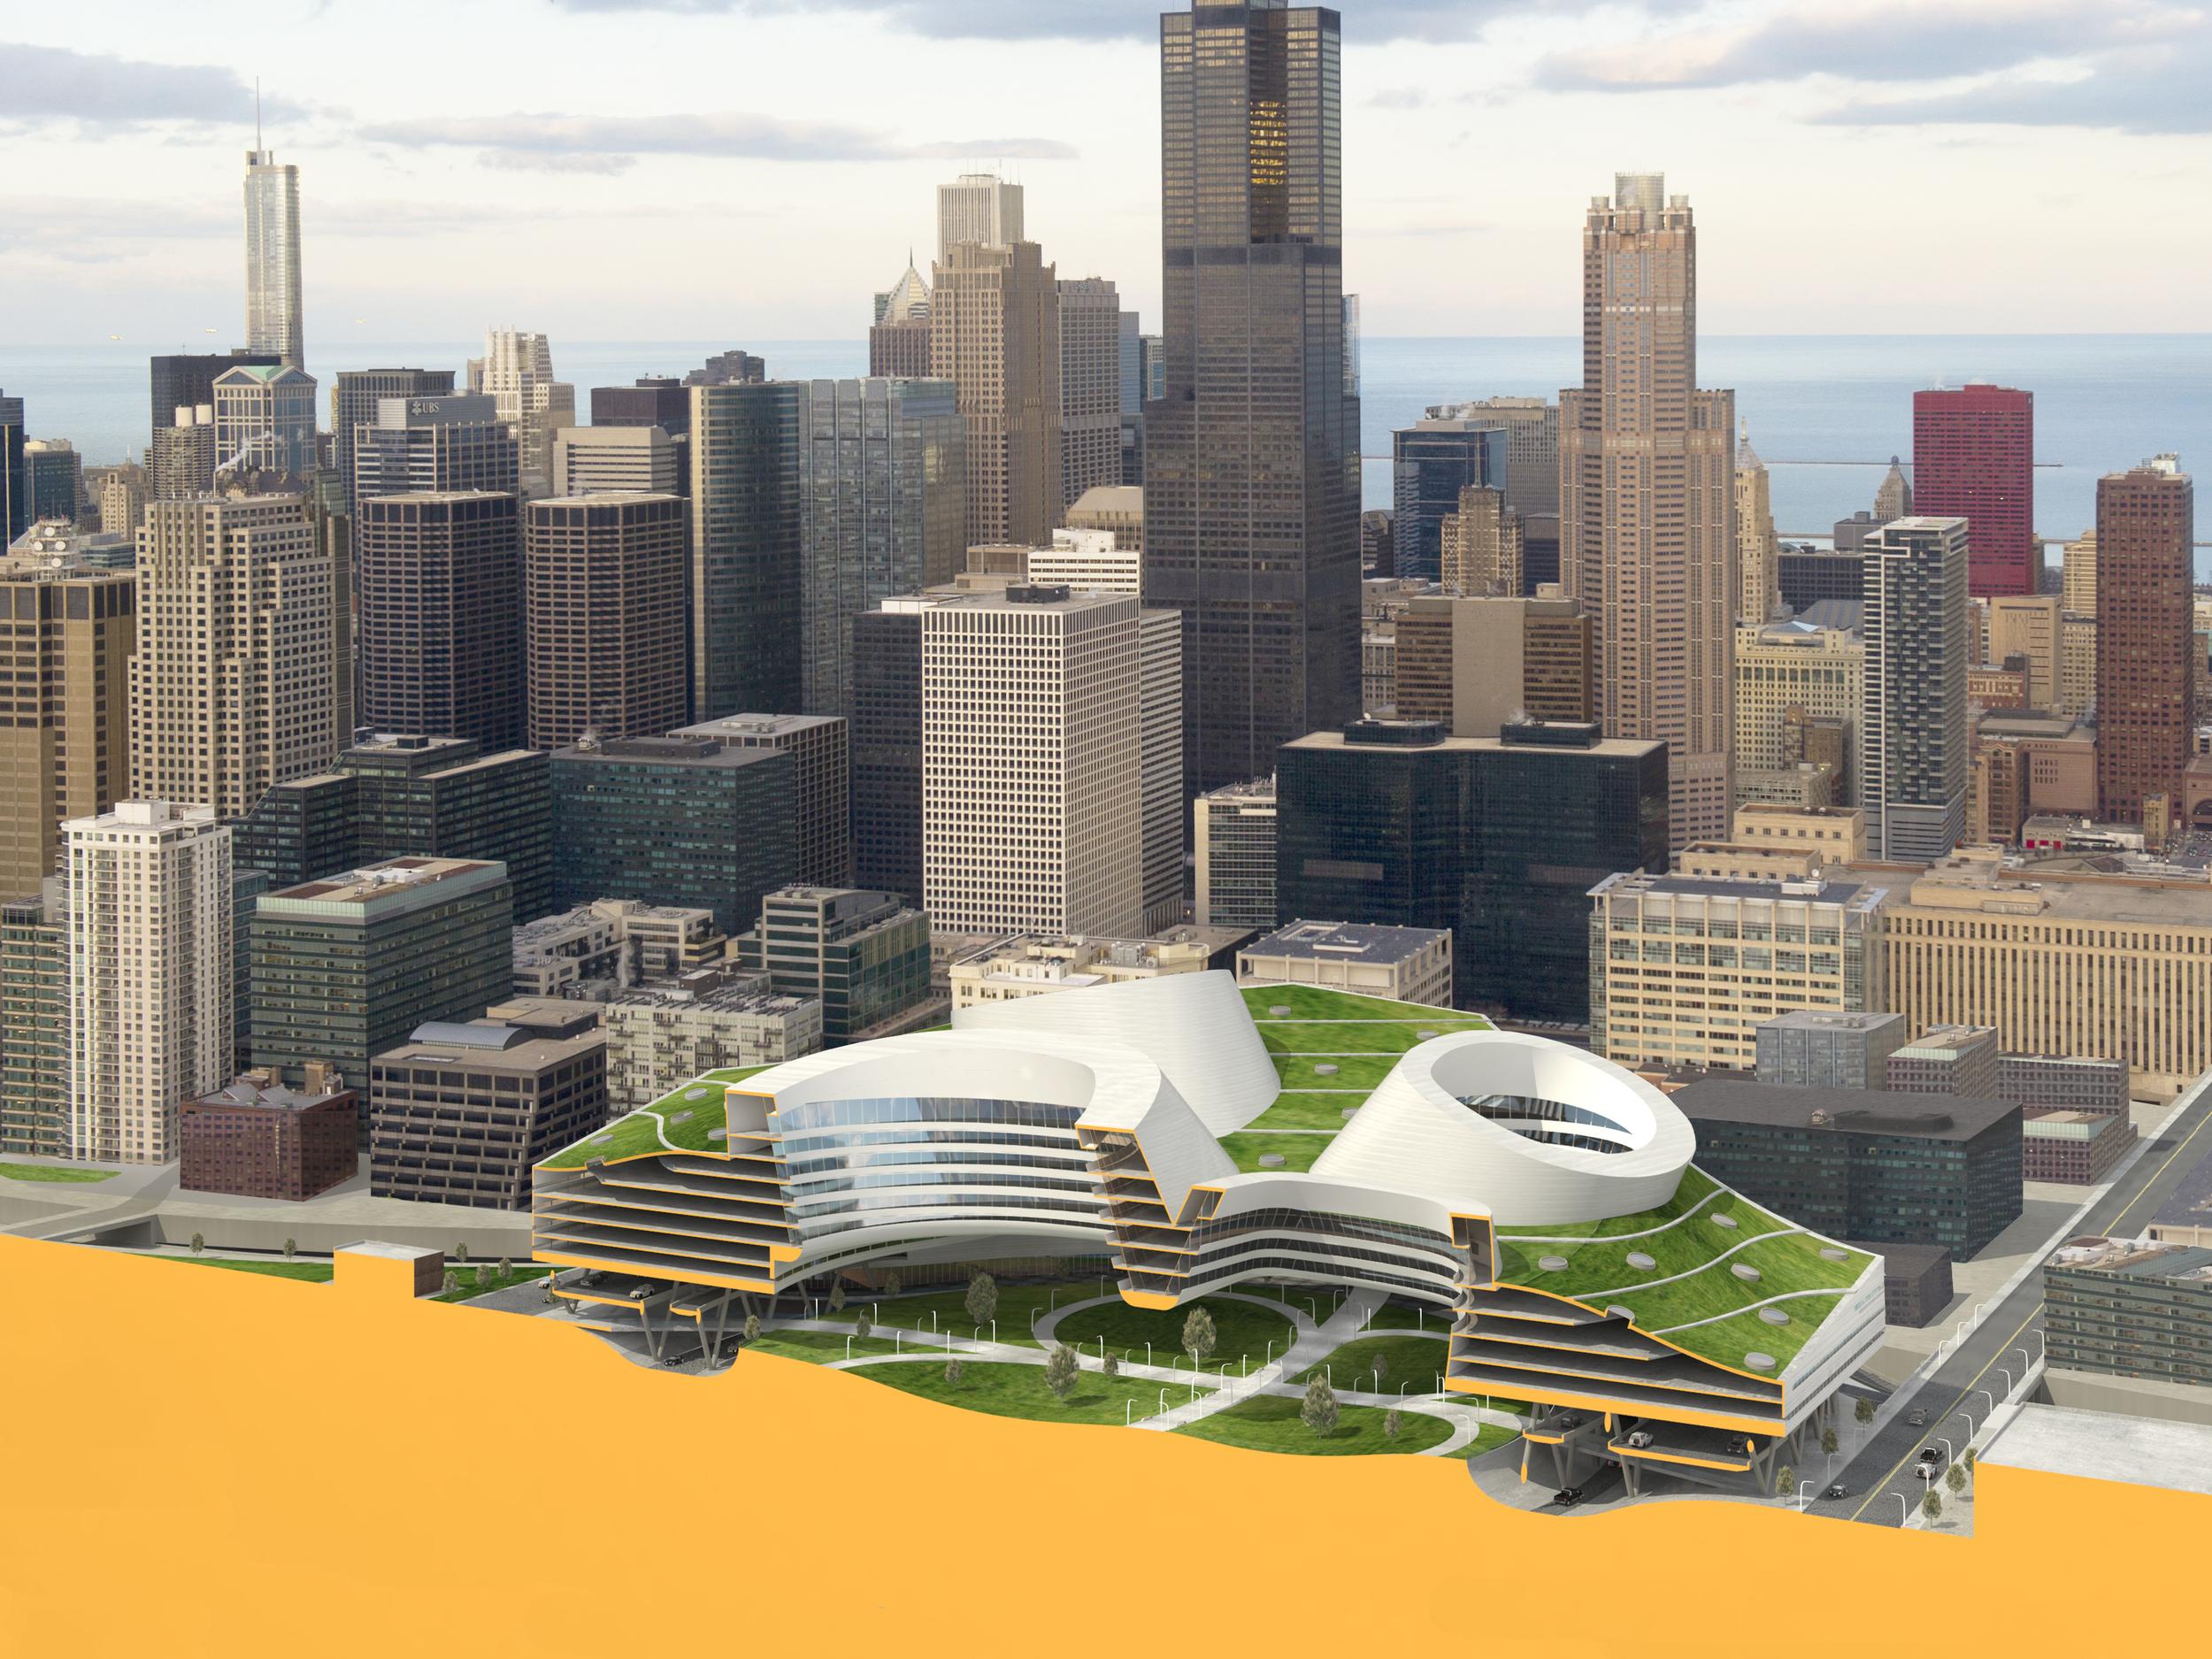 Chicago Loop: Cloverleaf Building